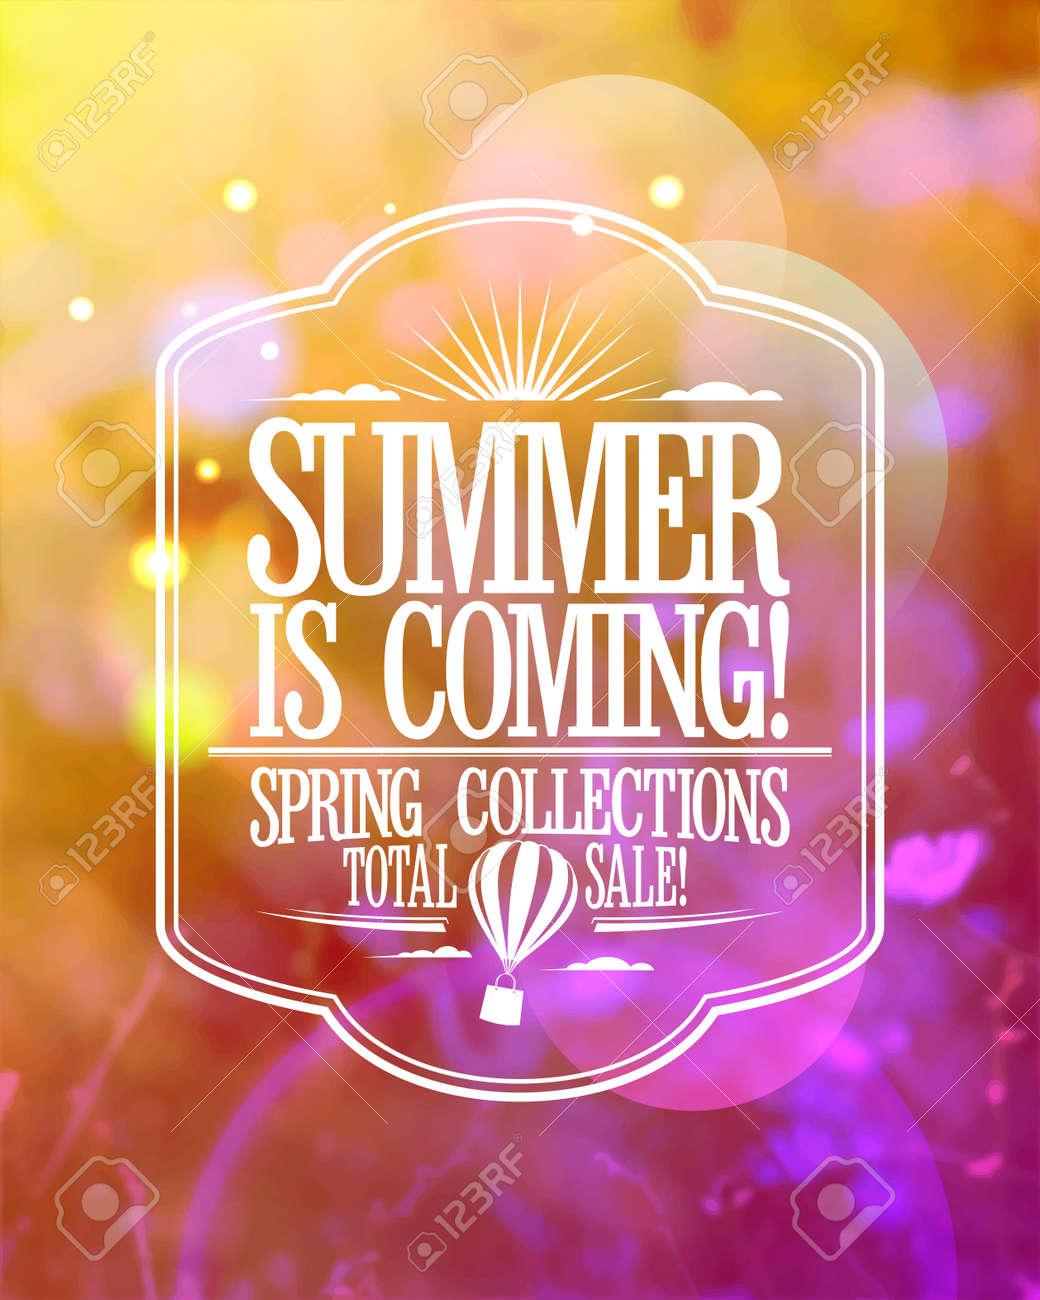 ファッション バナー , 夏が来て、春コレクション総販売